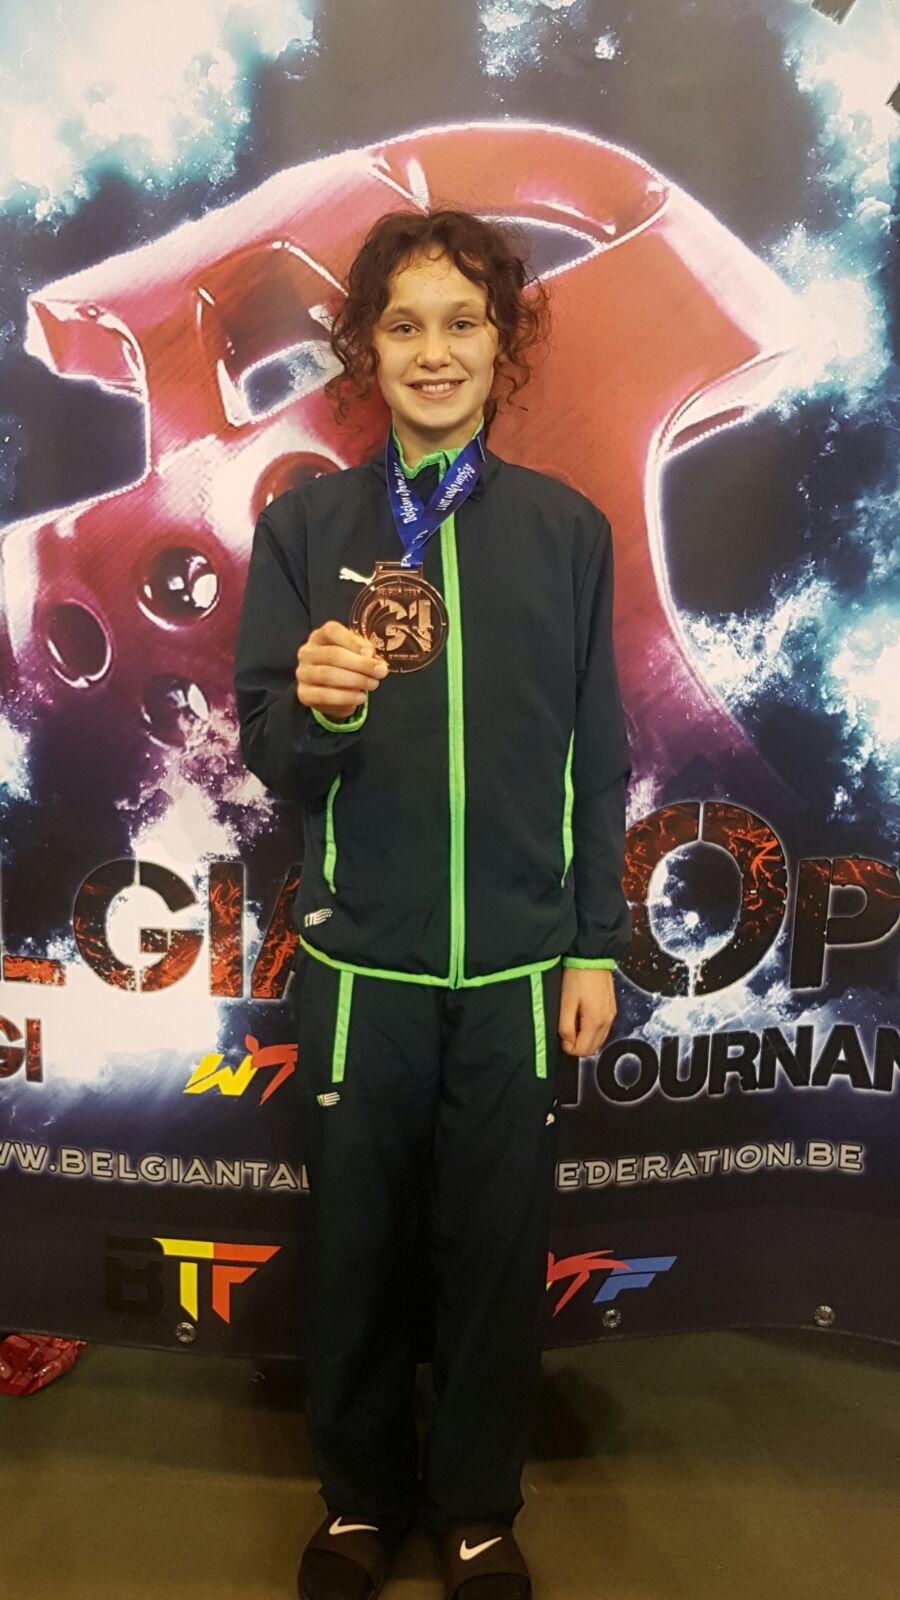 Read more about the article Brons voor Nilla op Open Belgische taekwondo Kampioenschappen